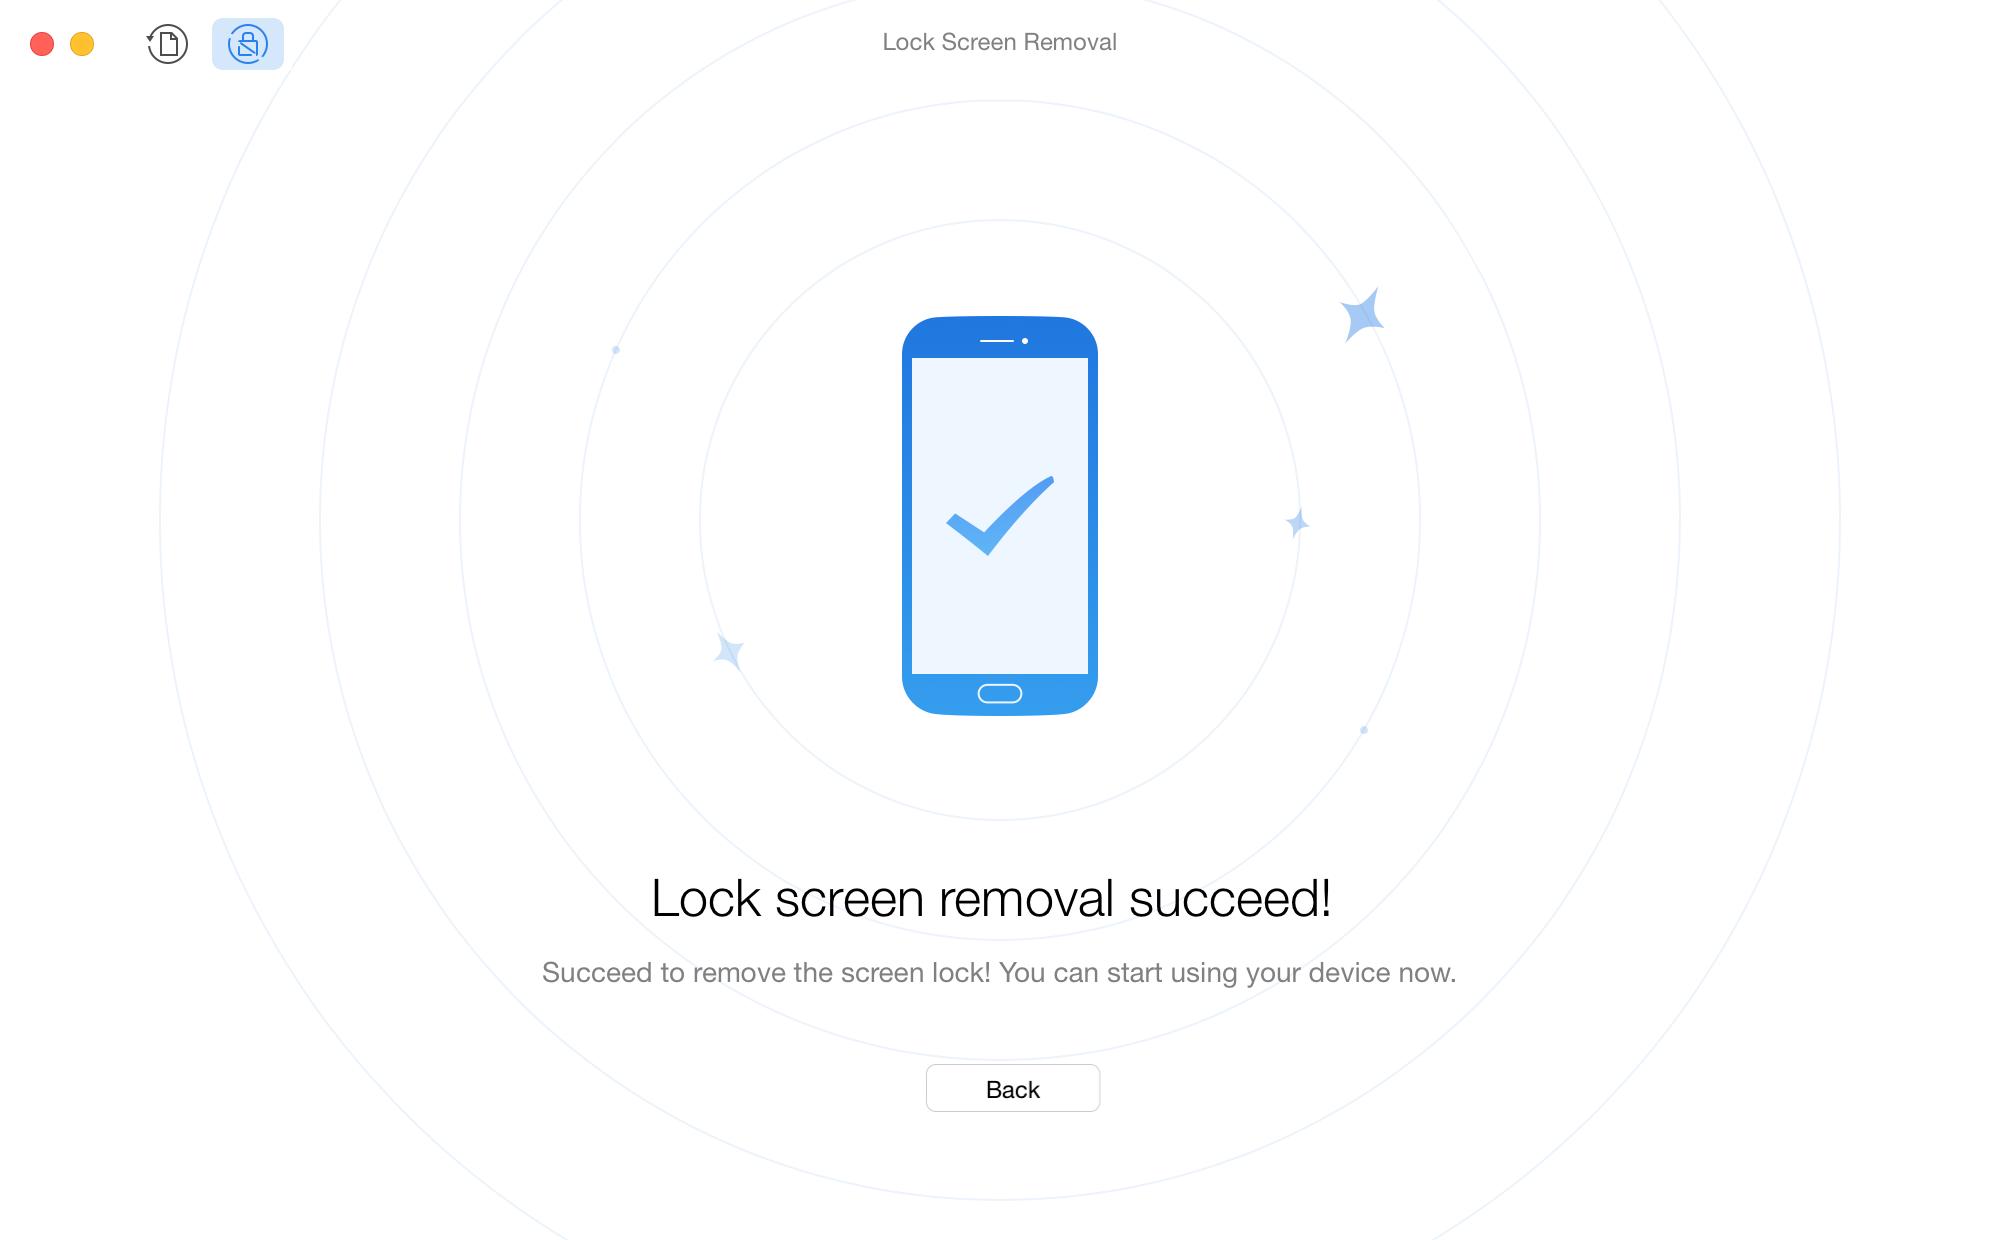 تمت إزالة قفل الشاشة لهاتف سامسونج